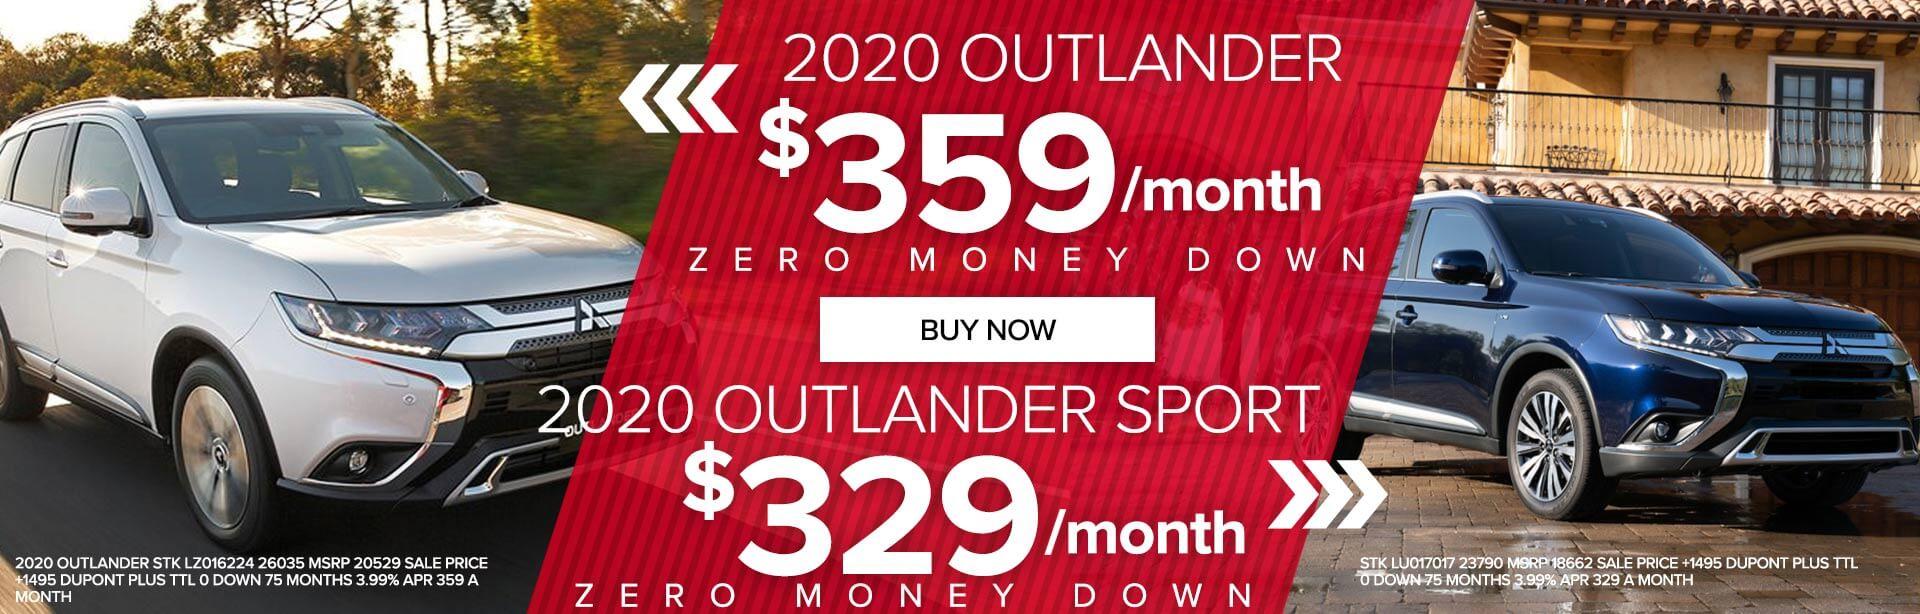 2020 Outlander Sport and Outlander